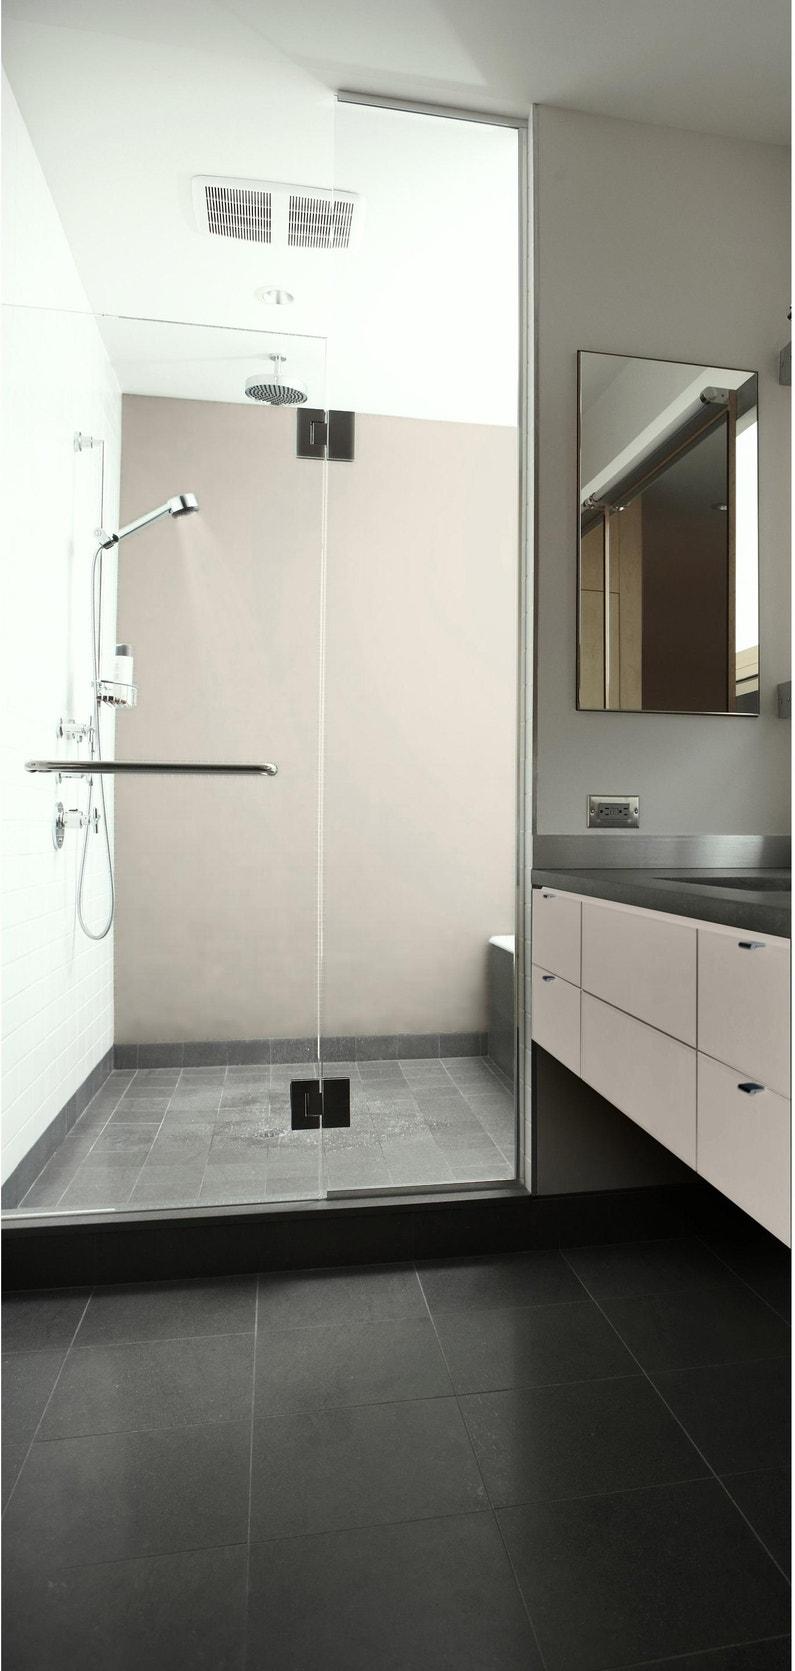 Enduit Carrelage Salle De Bain peinture salle de bains carrelage et meuble rénov' syntilor, craie satiné,  2 l